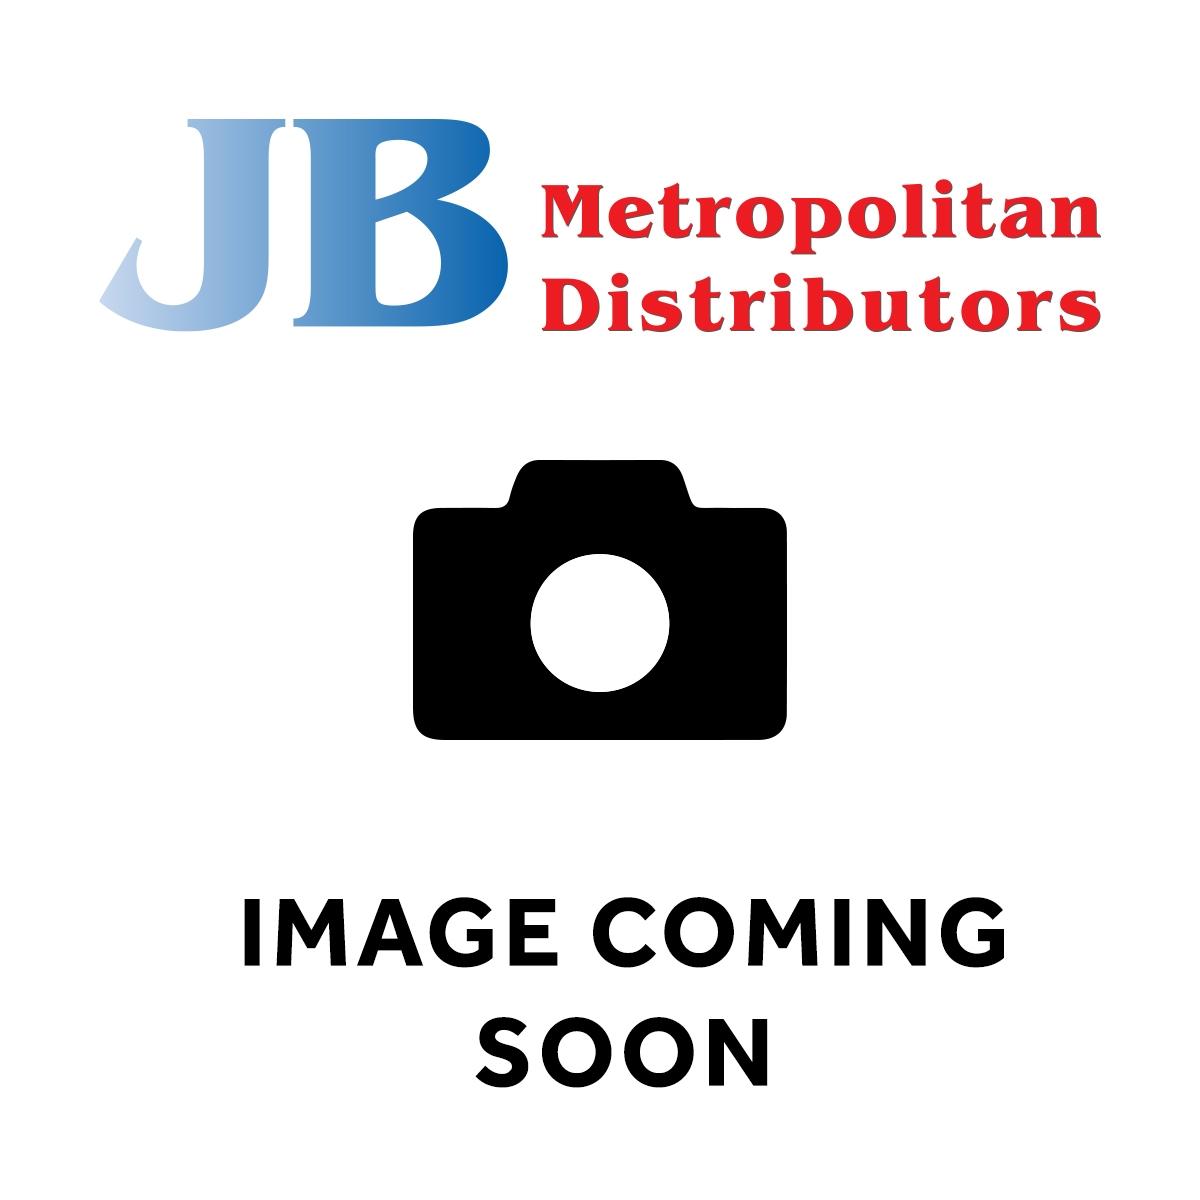 990G KOOKAS CHOC LEMON & RASPBERRY COOKIES